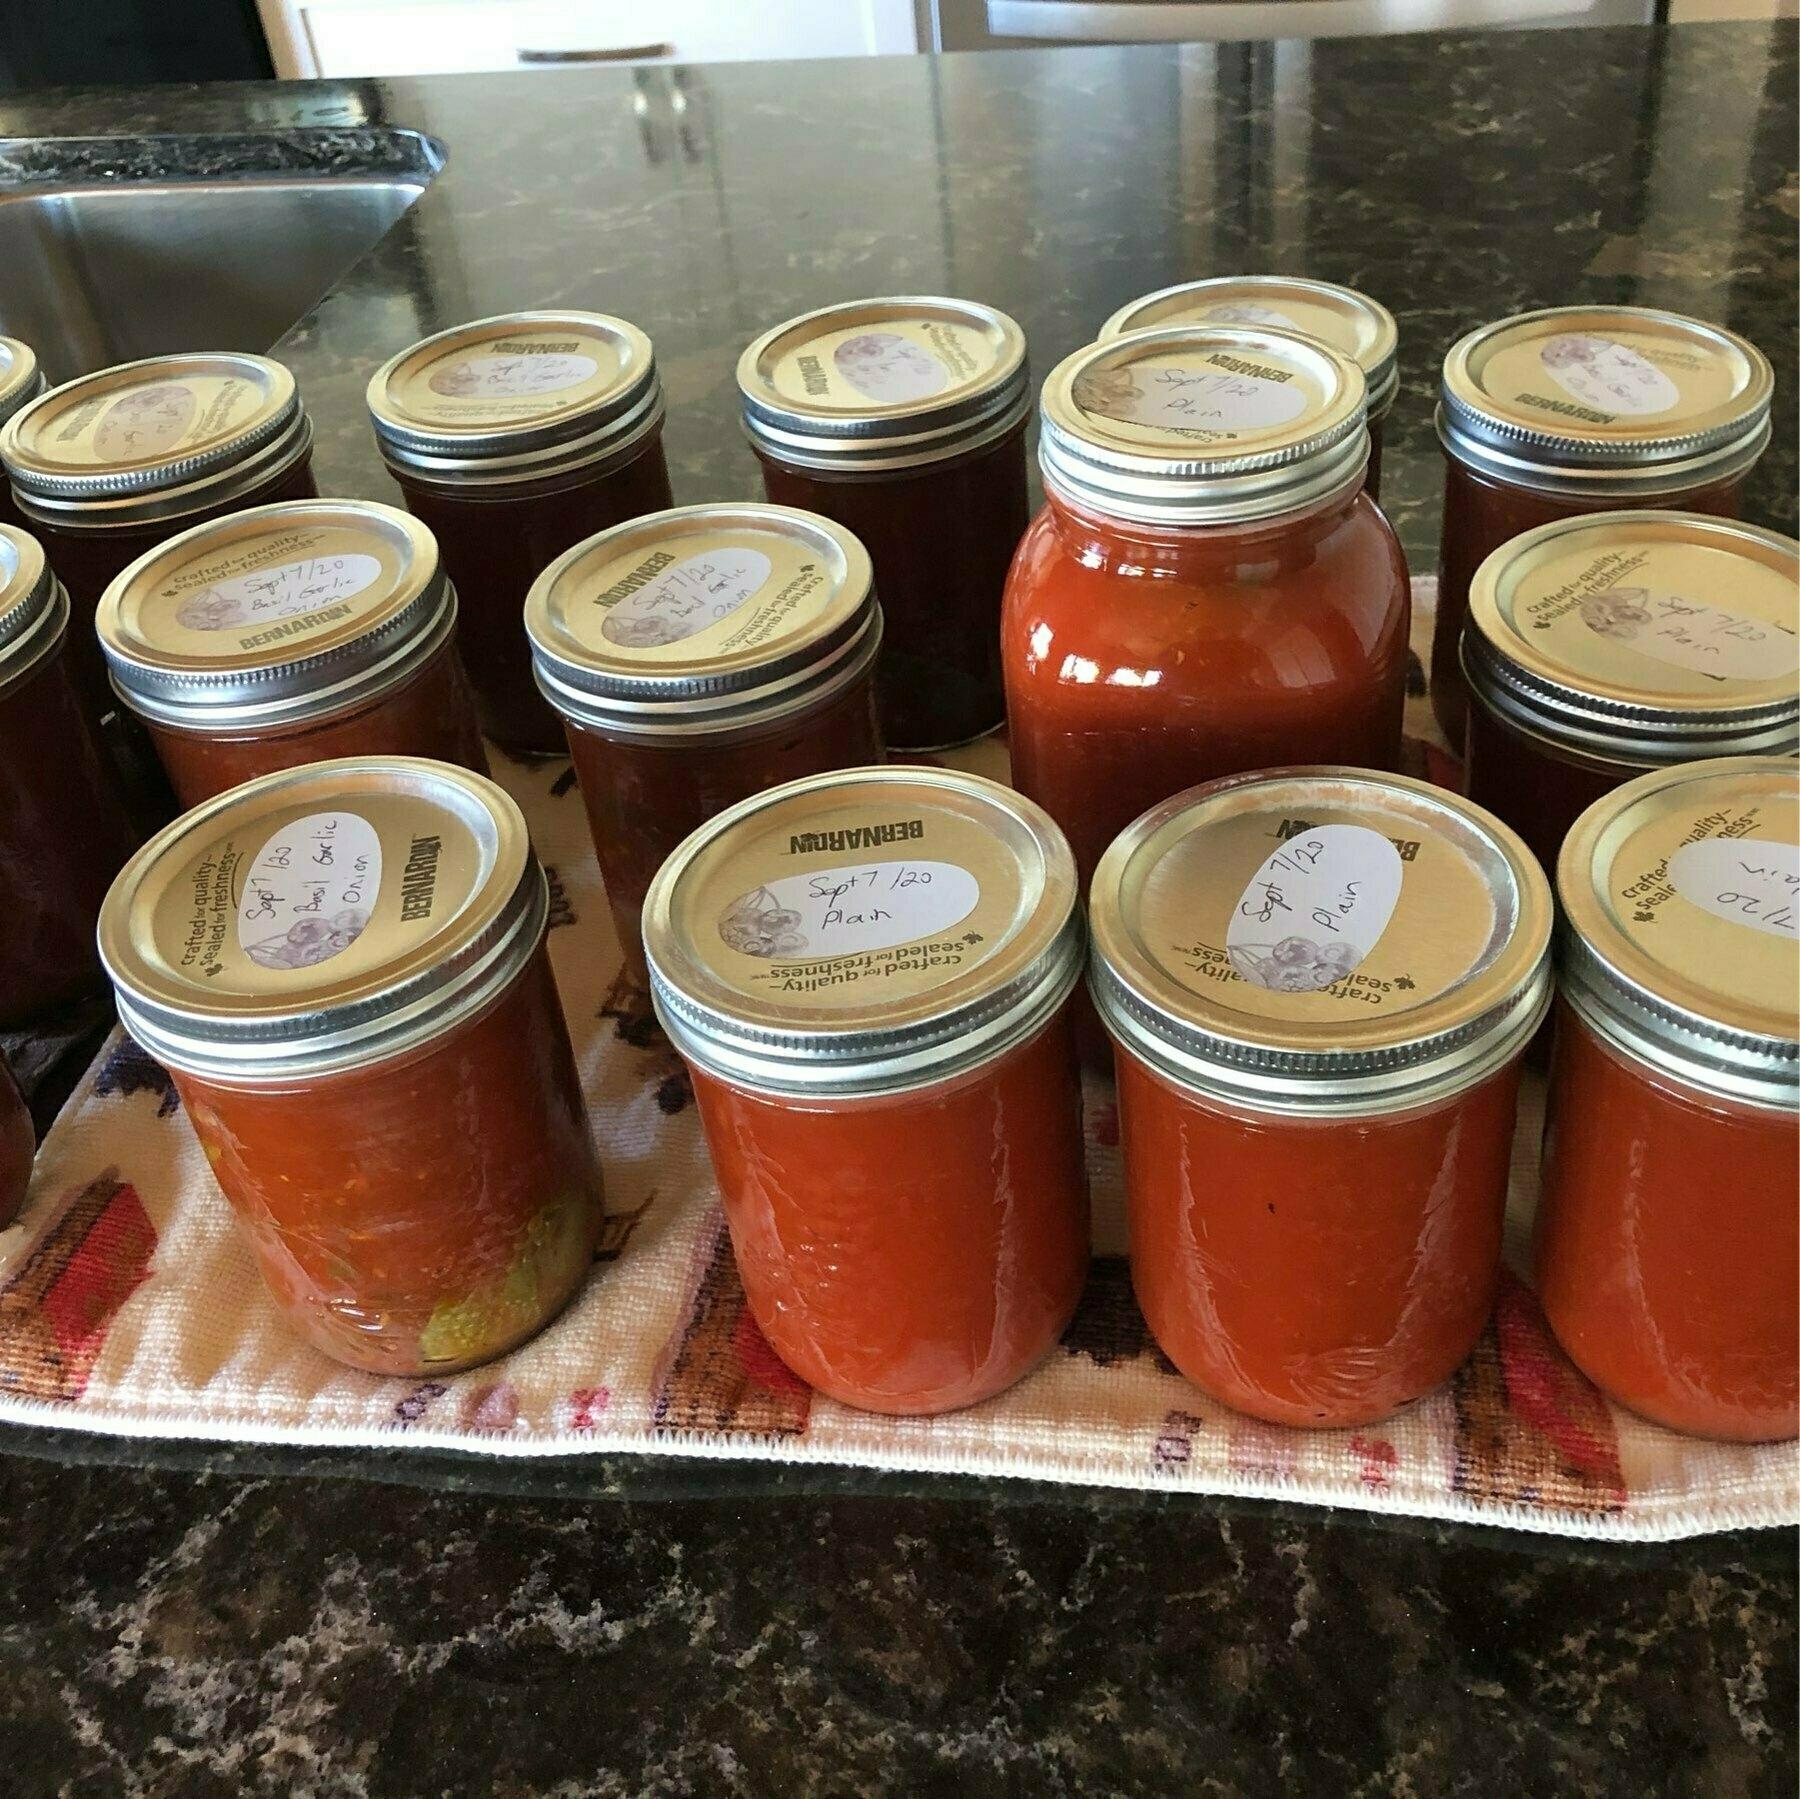 multiple jars of tomato sauce sitting on a dark countertop